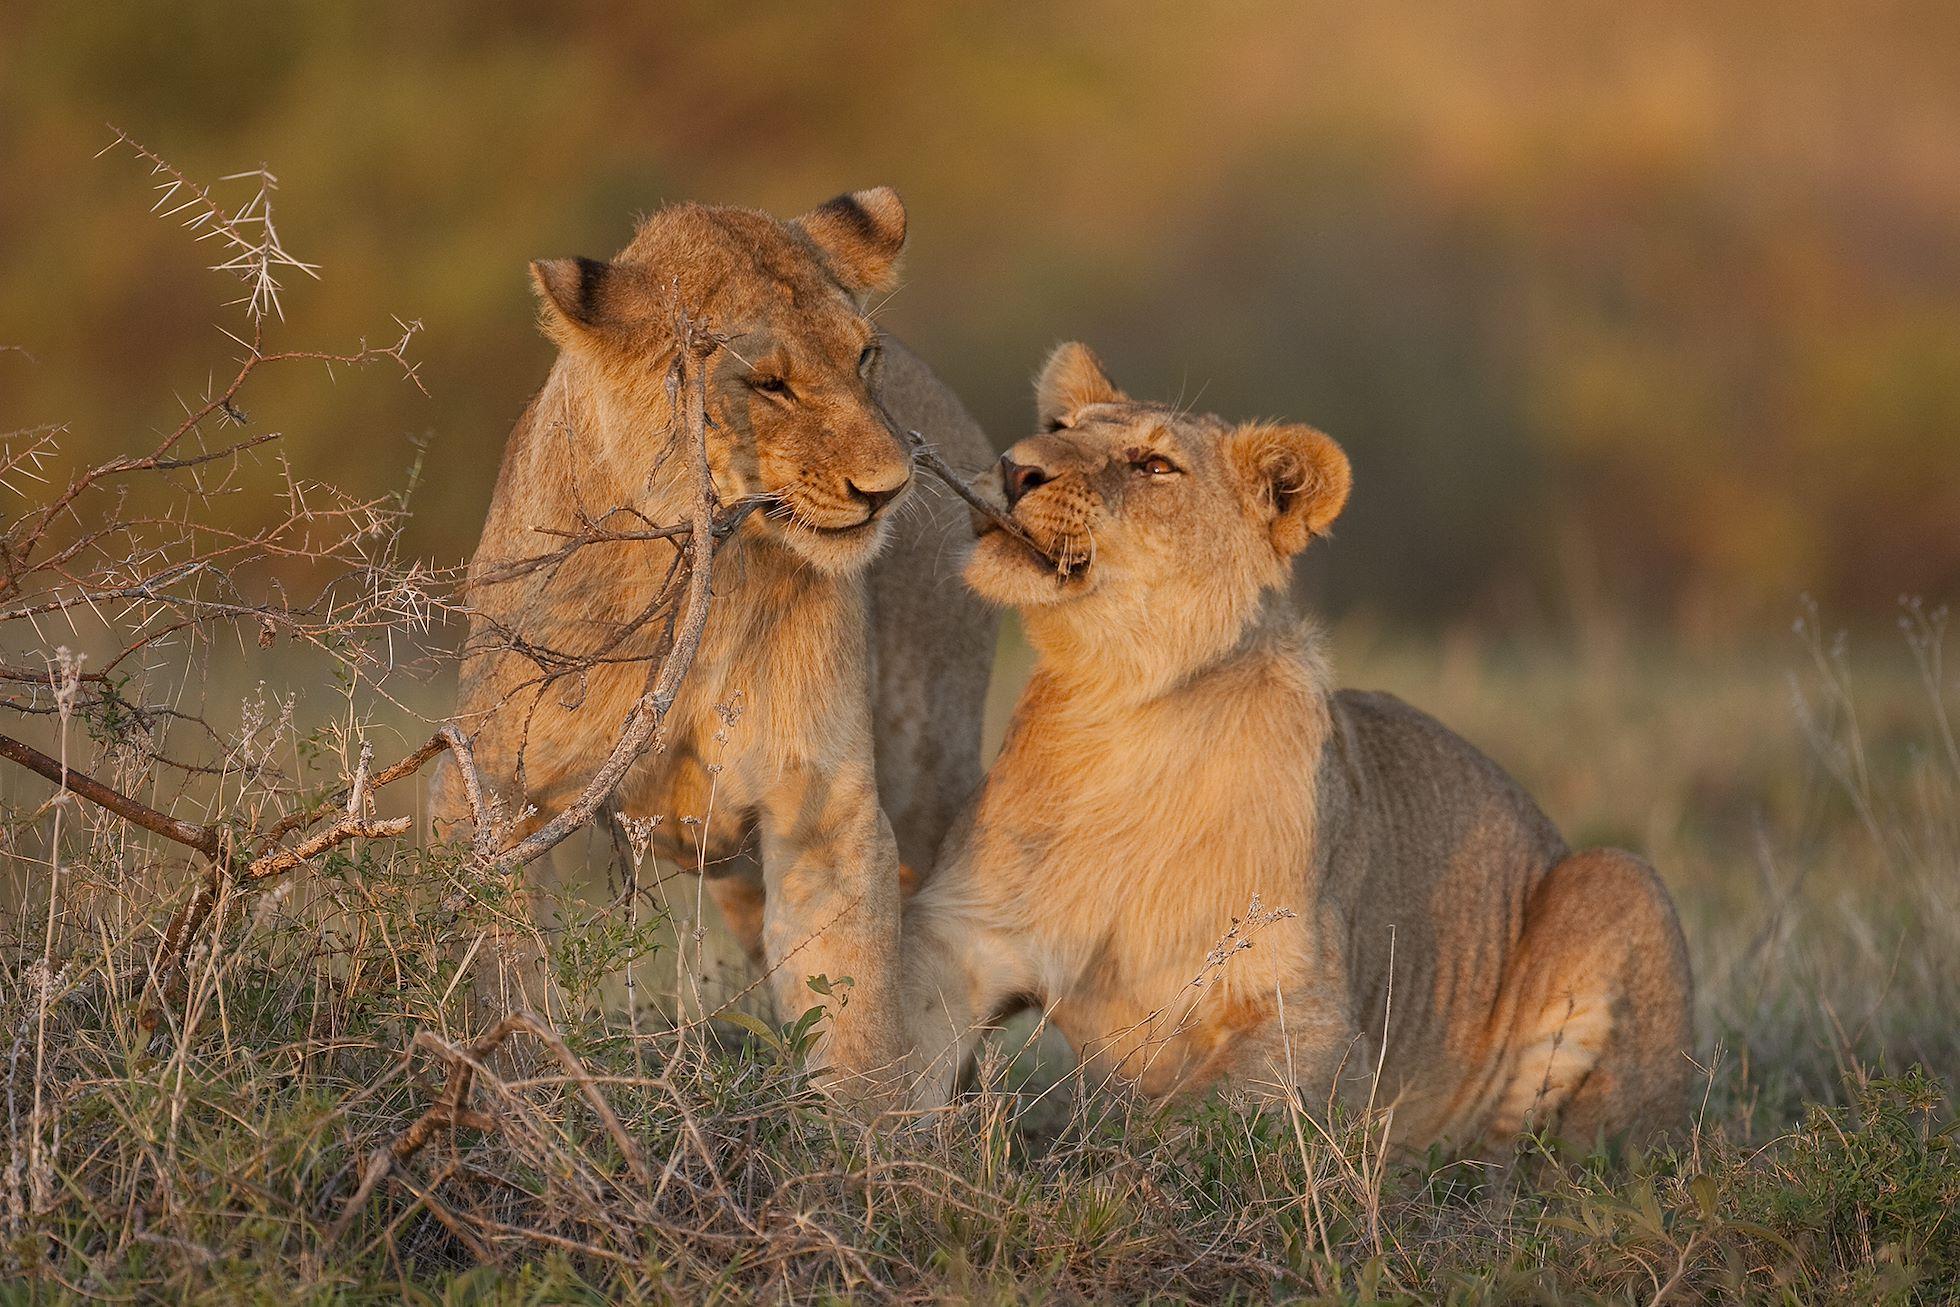 Young lions (Pathera leo) playing, Serengeti National Park, Tanzania.